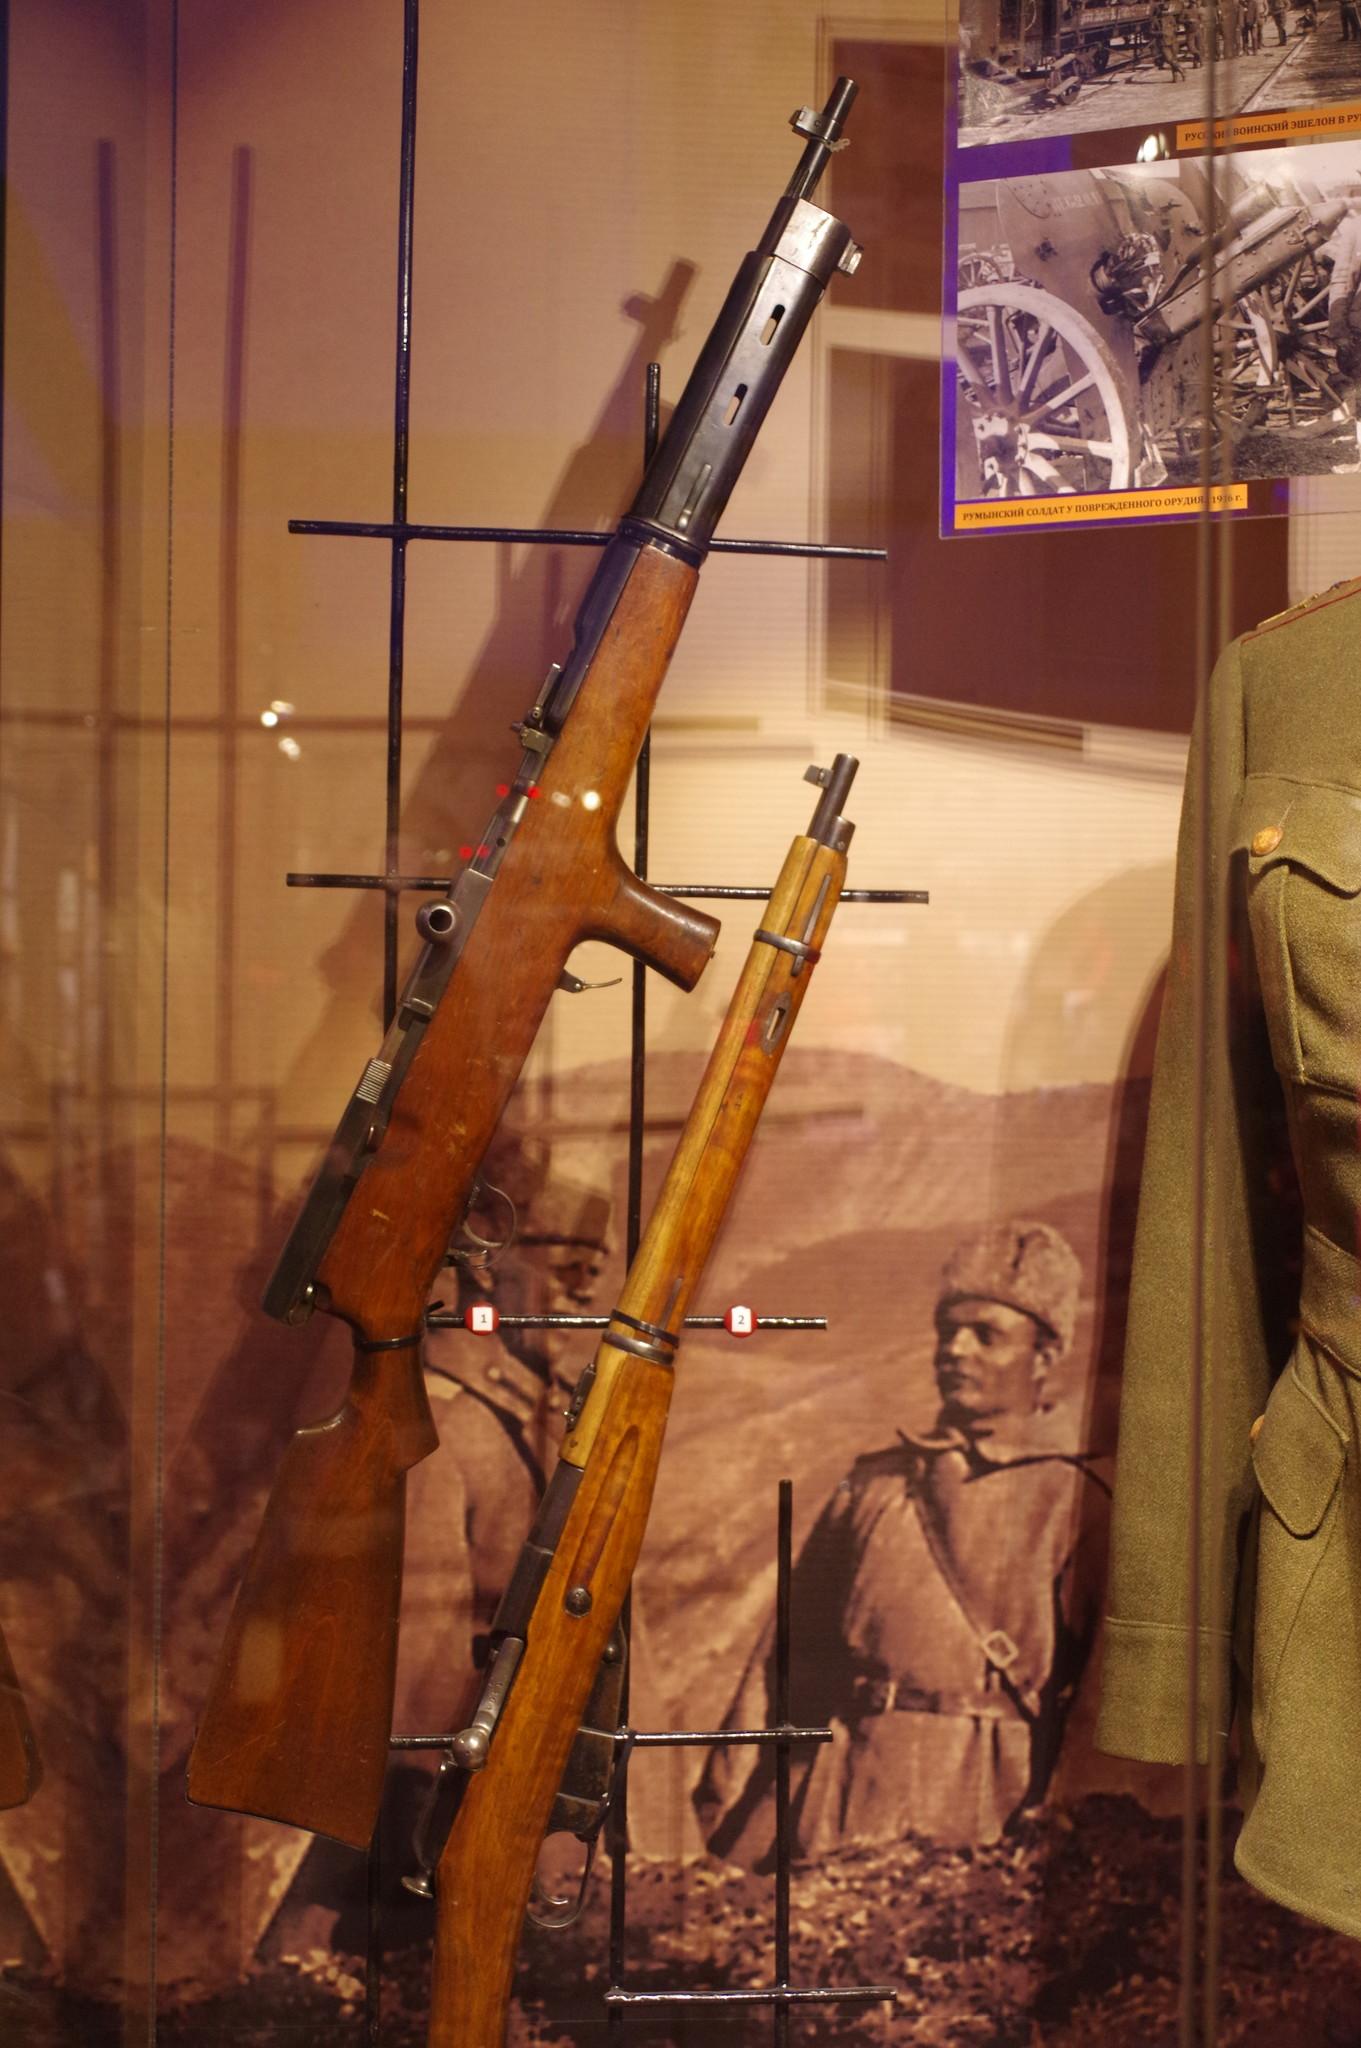 6,5 мм автомат системы Фёдорова образца 1916 года в экспозиции Центрального музея Вооружённых сил Российской Федерации